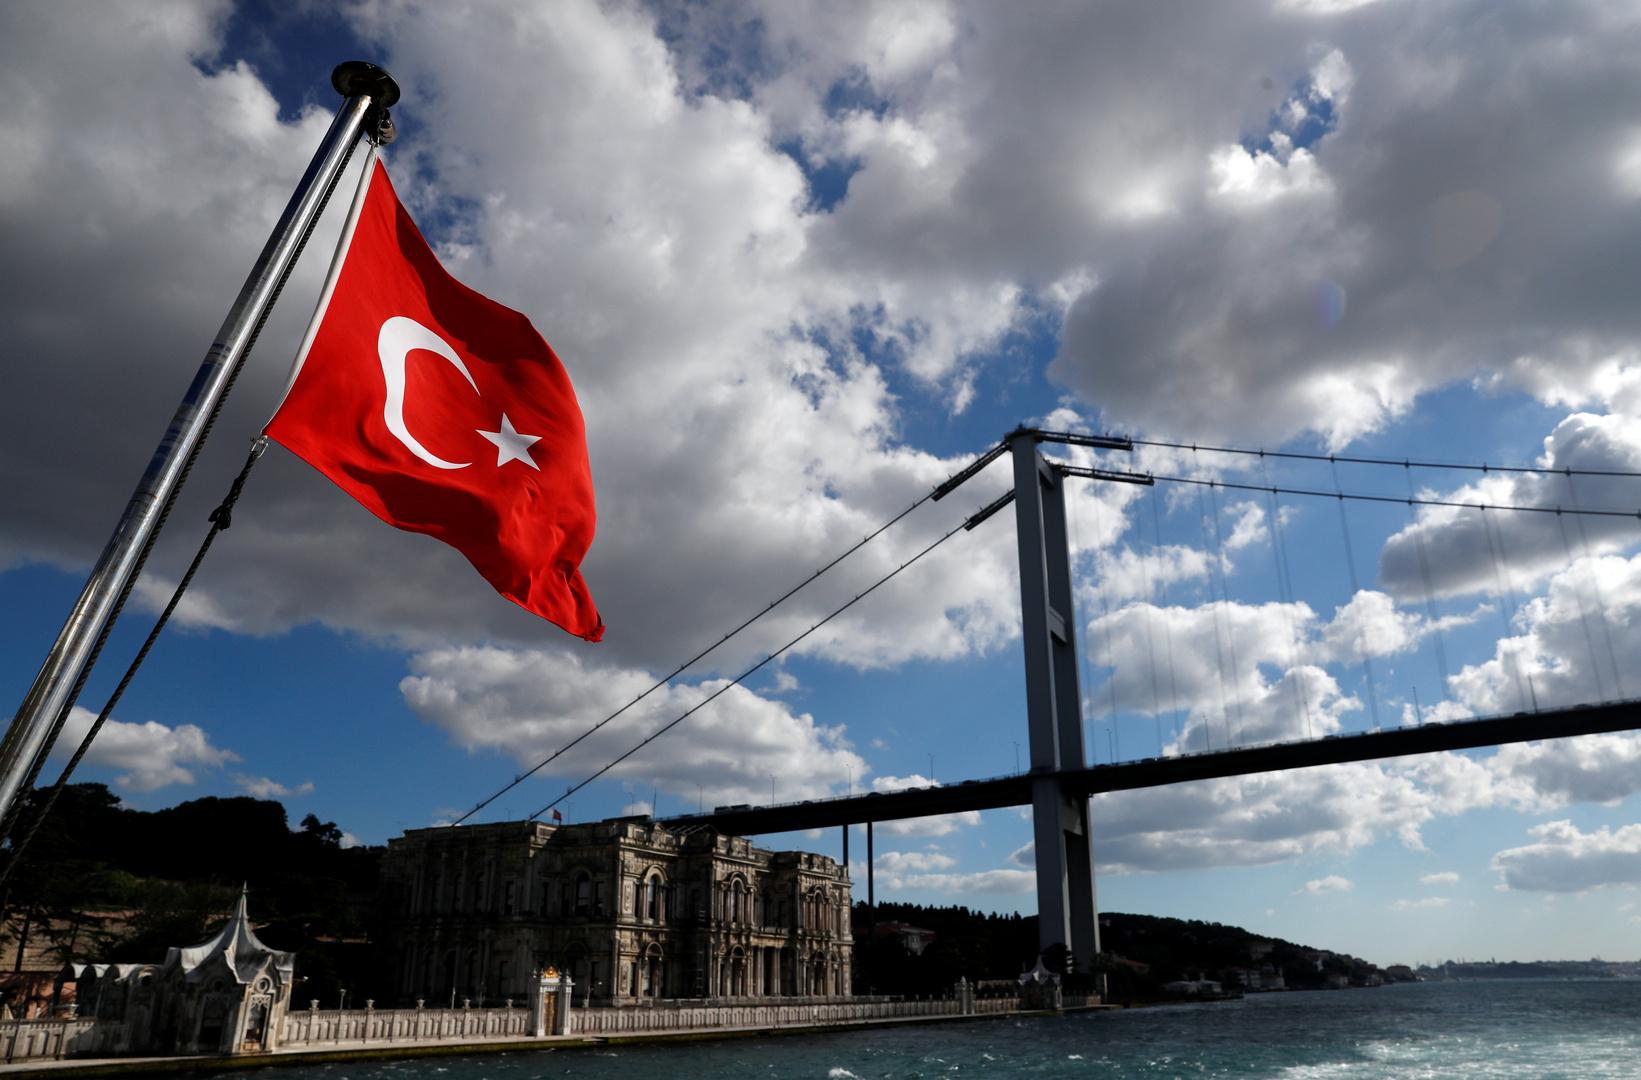 أنقرة توقف 6 أشخاص نقلوا مشاريع صناعات دفاعية تركية لشركات أجنبية